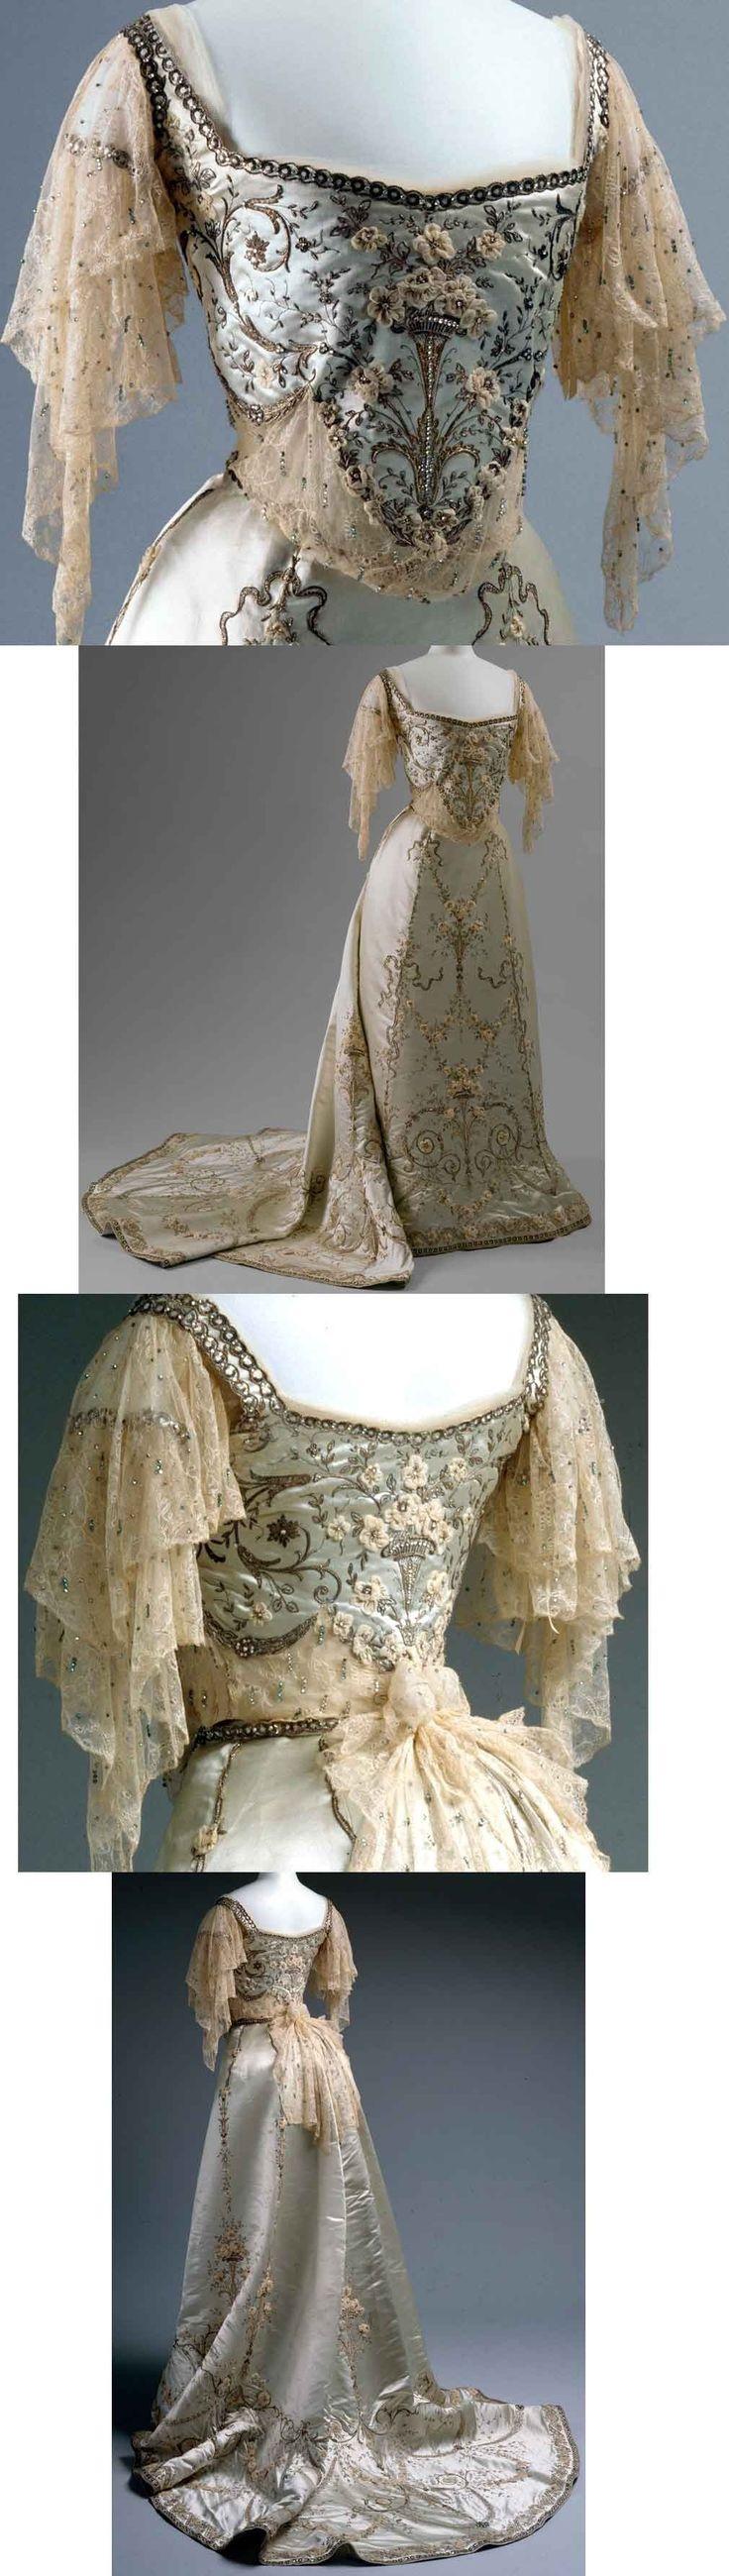 Worth ballgown, 1900-1905